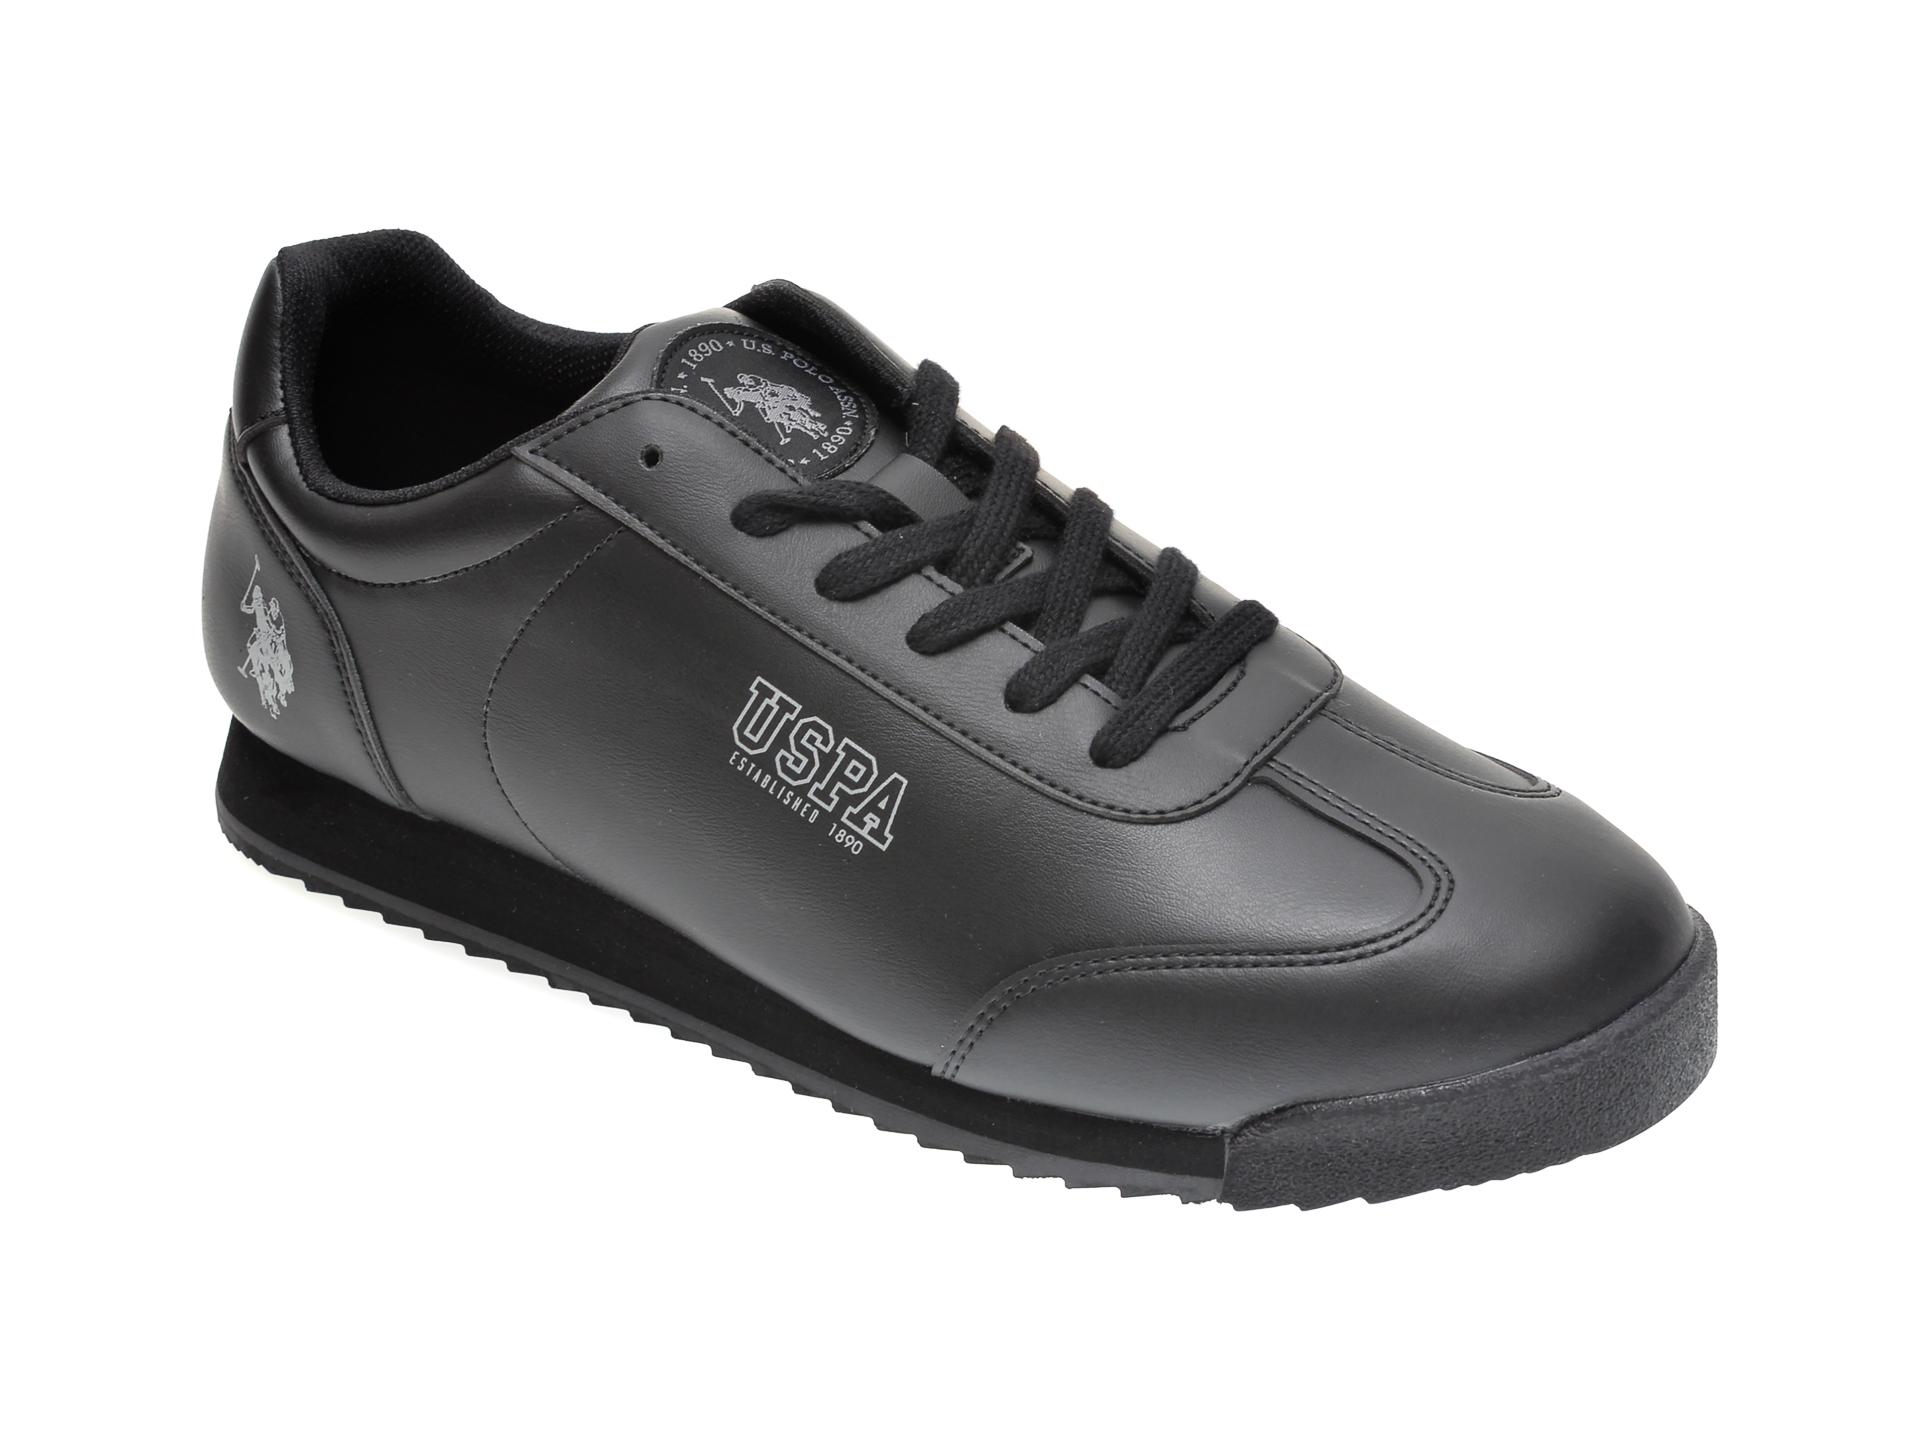 Pantofi sport US POLO ASSN negri, 417834, din piele ecologica imagine